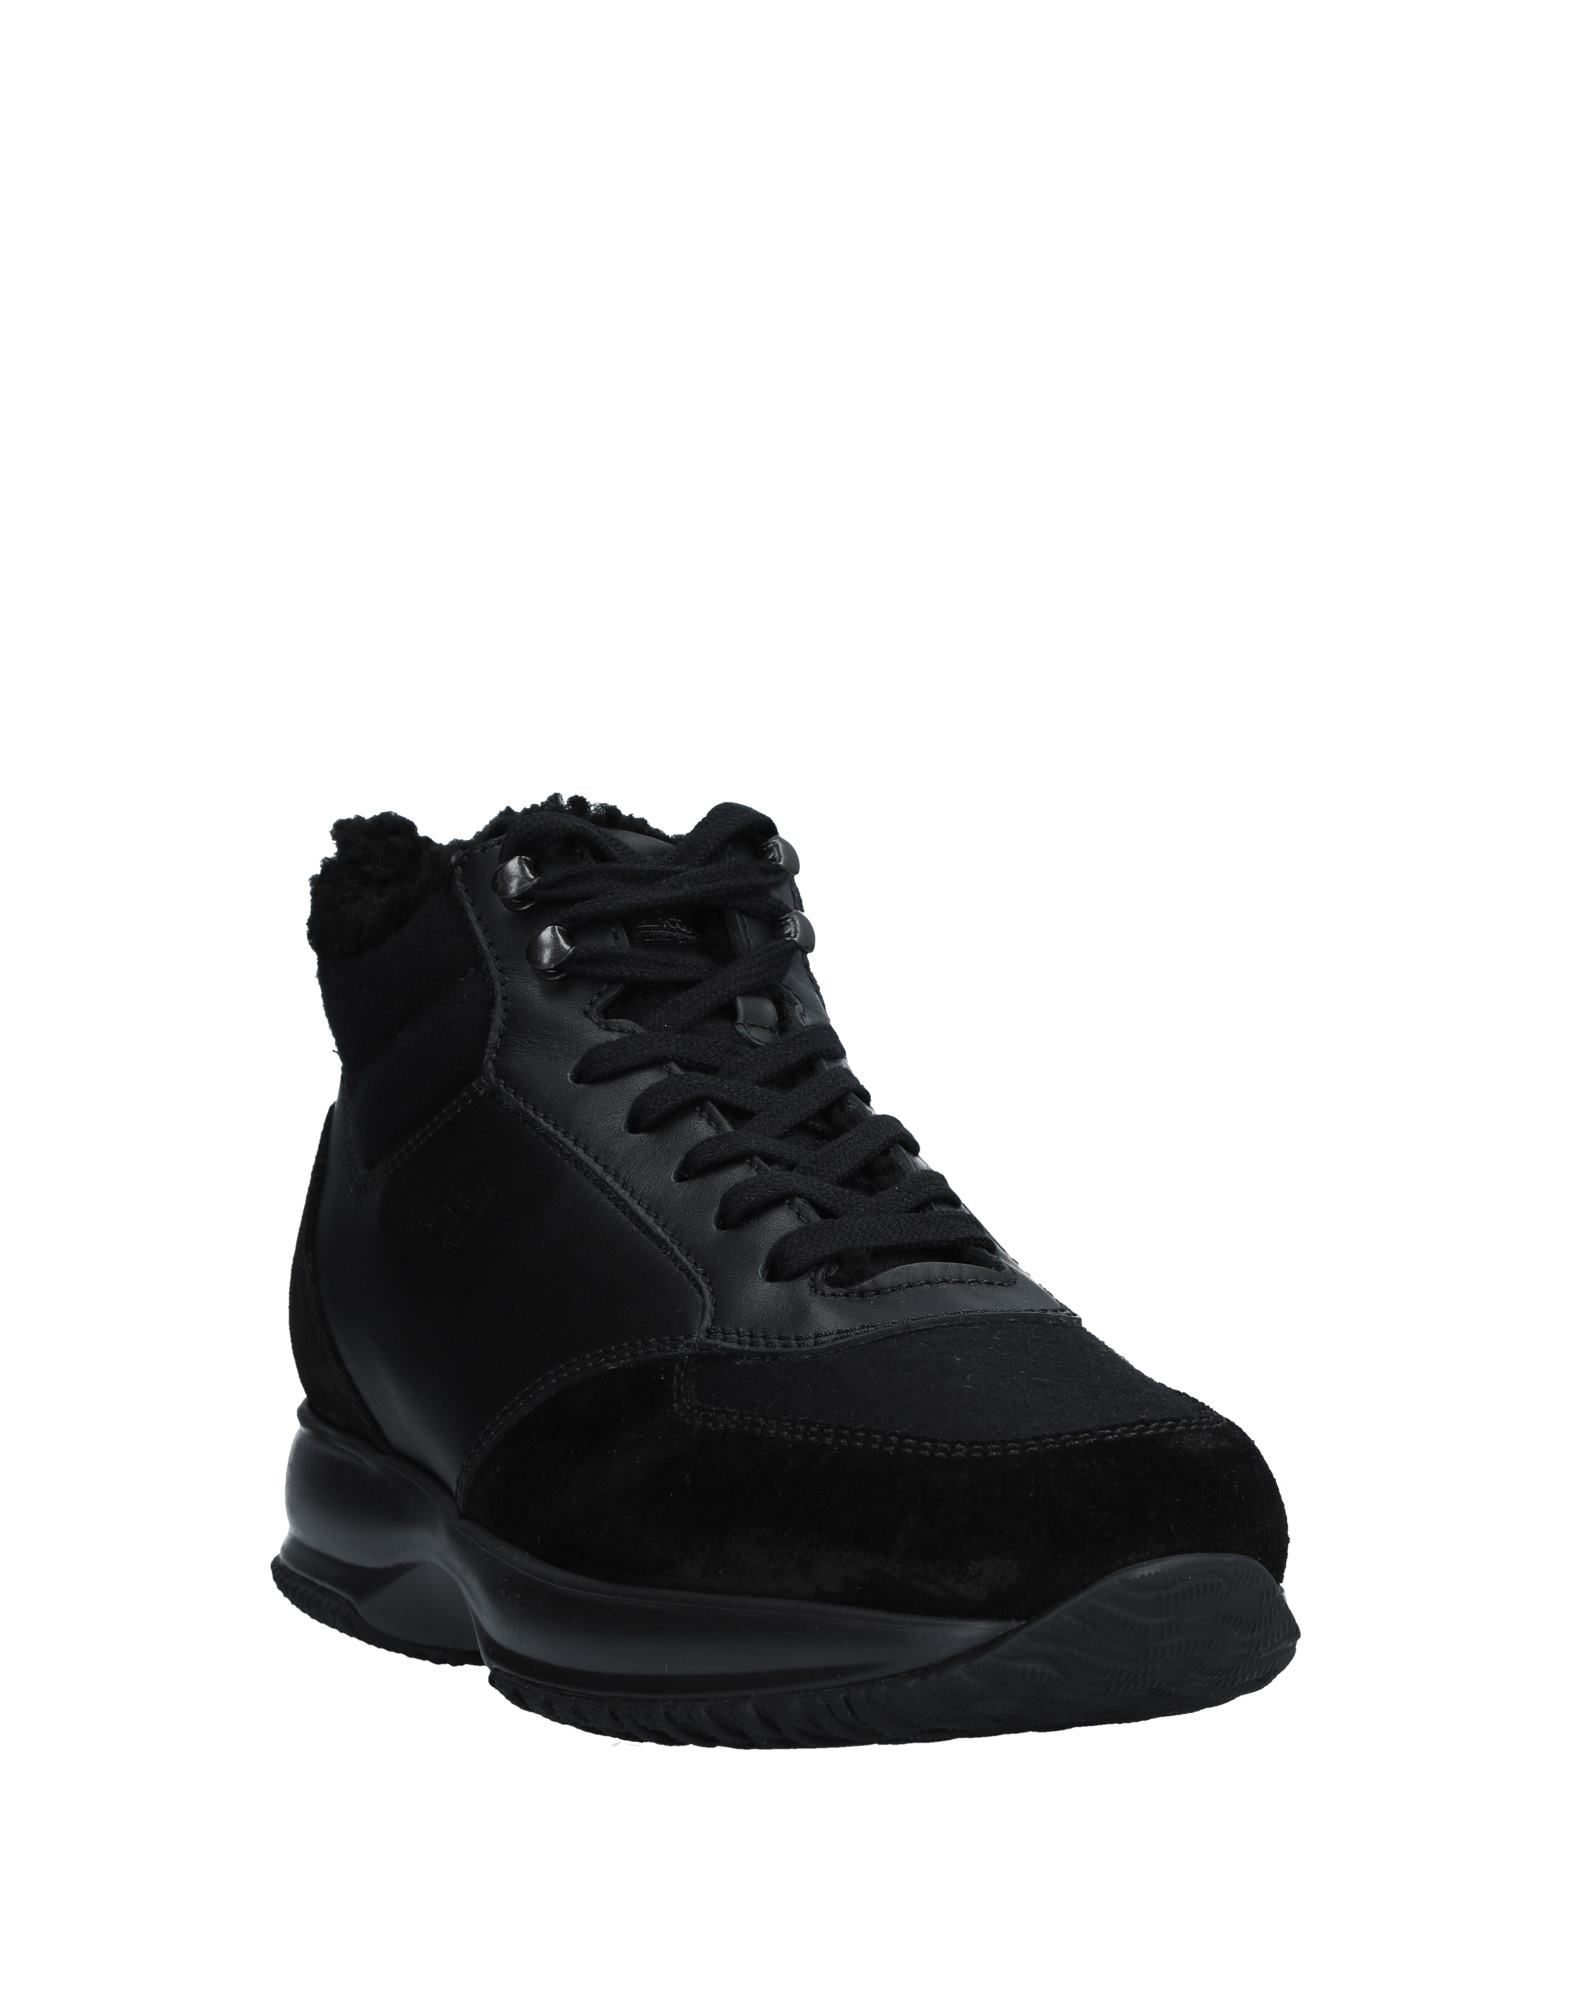 Hogan Sneakers Qualität Herren  11541517PP Gute Qualität Sneakers beliebte Schuhe 3361a9